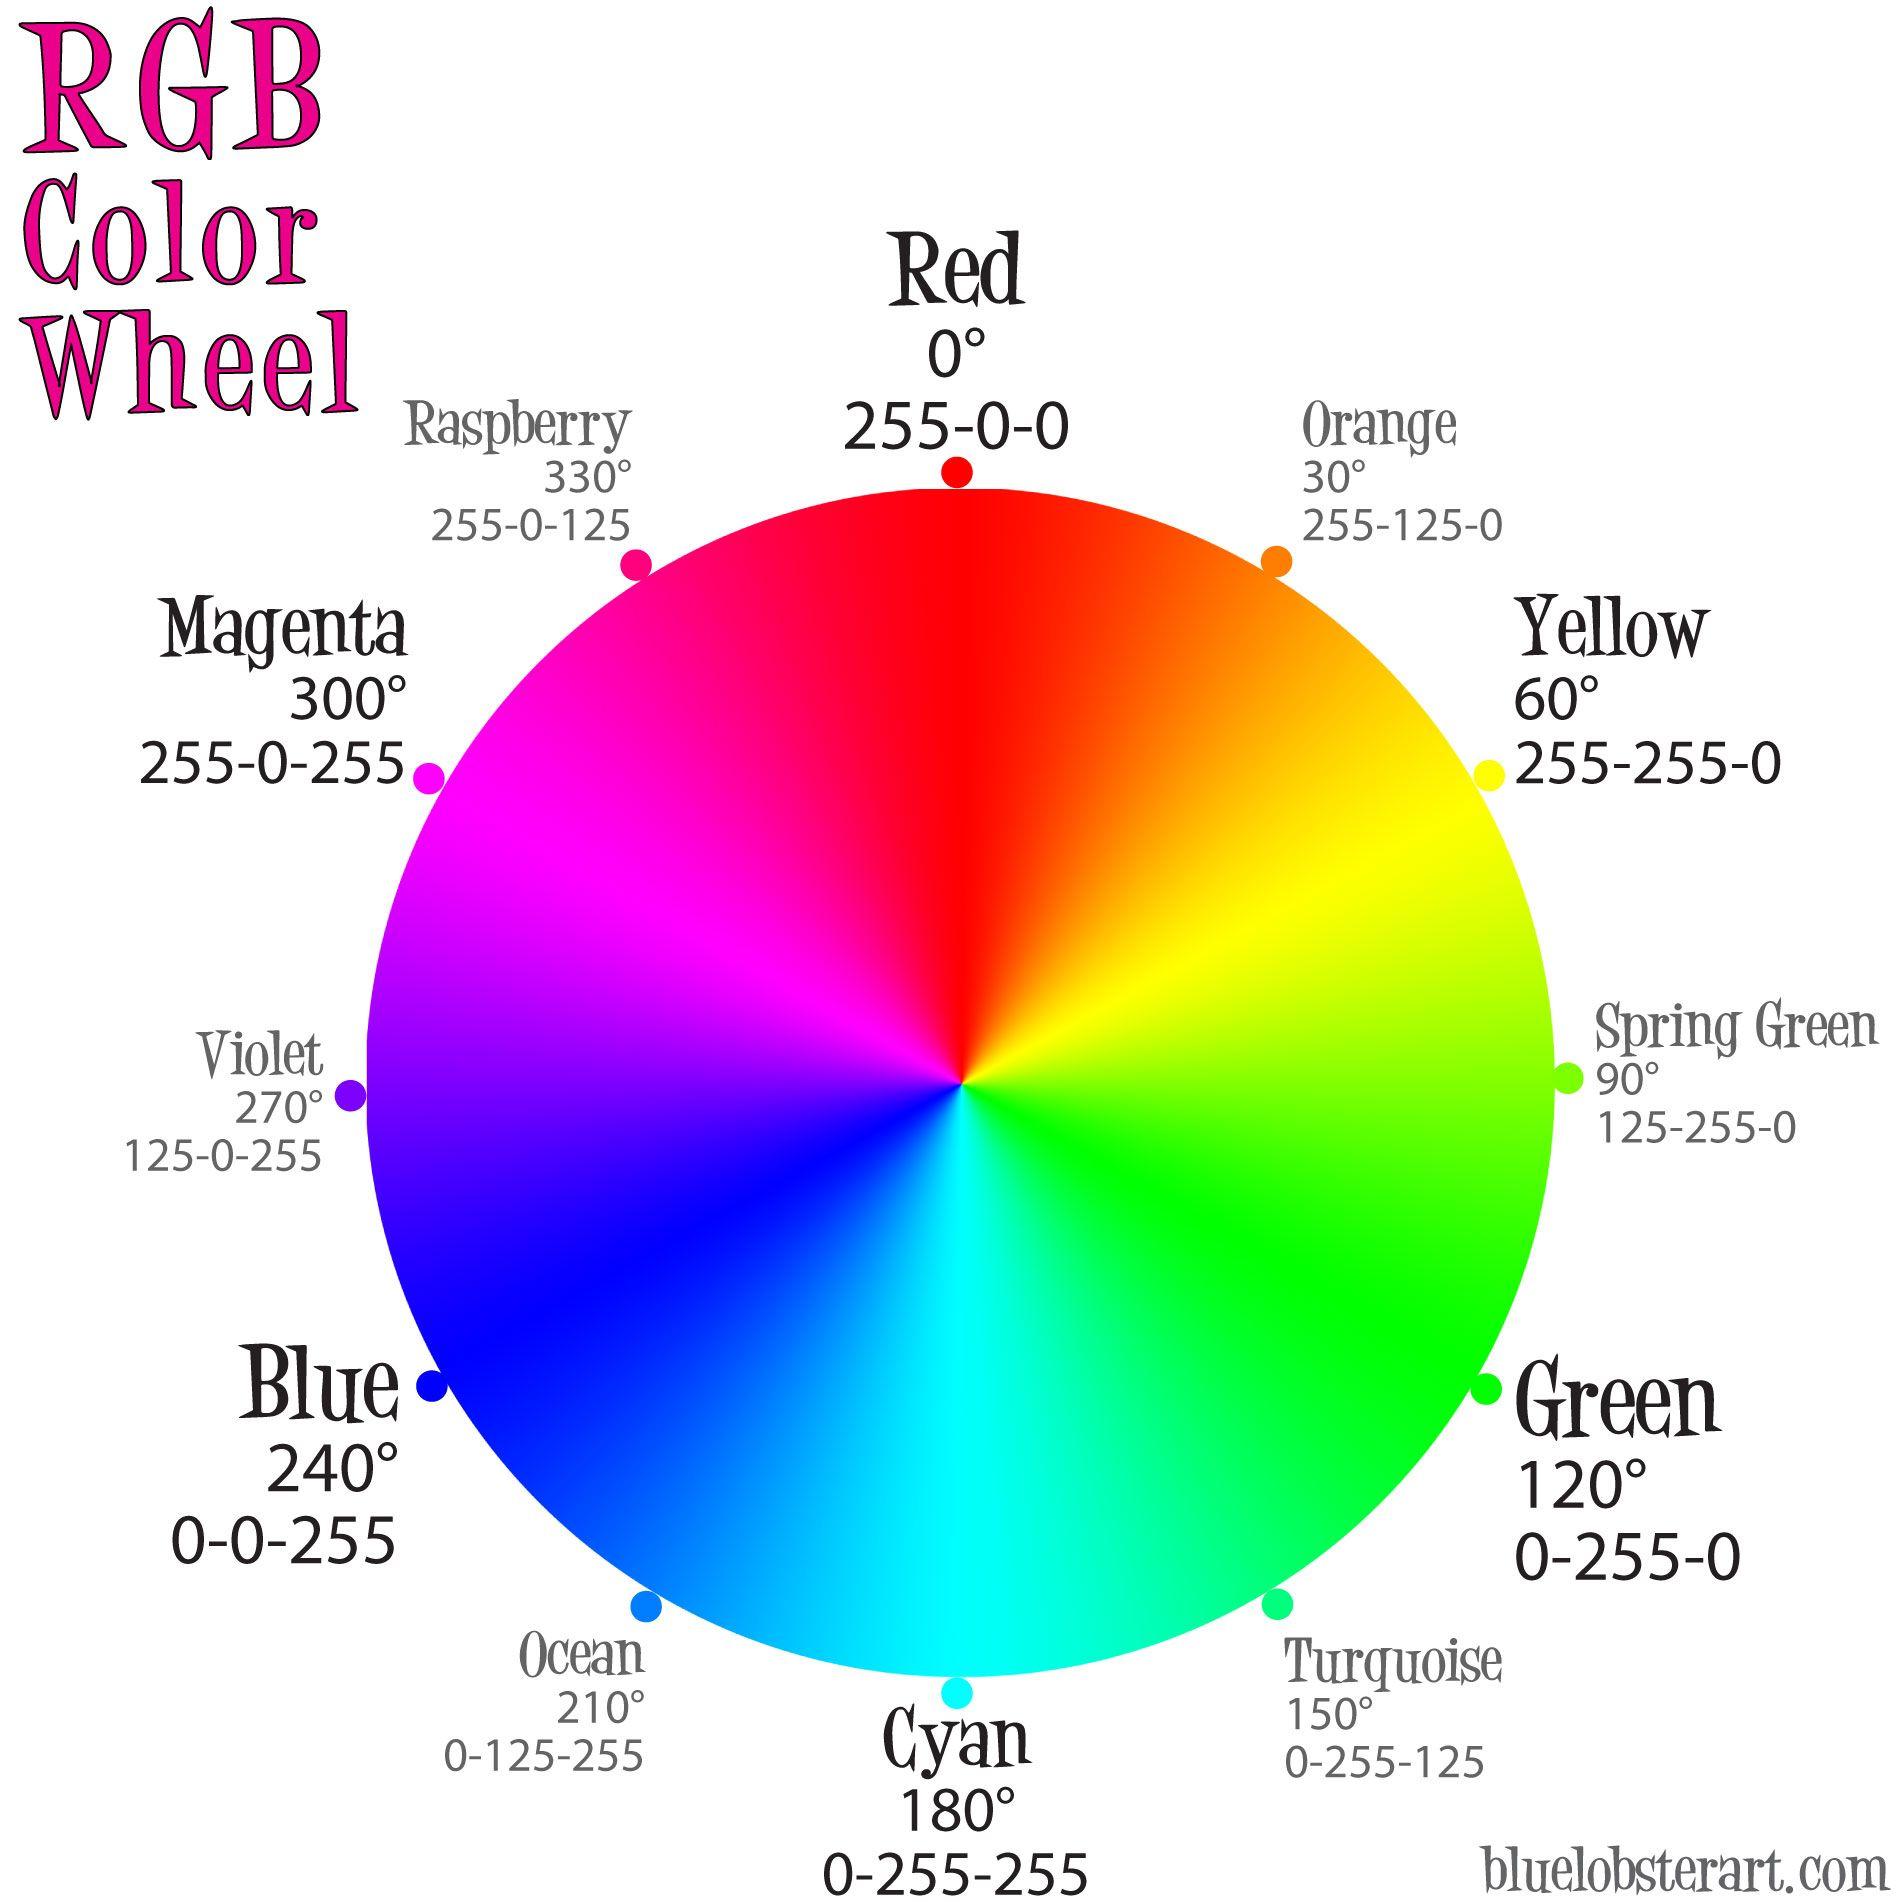 Rgb Color Wheel Lg Jpg8328 1900x1902